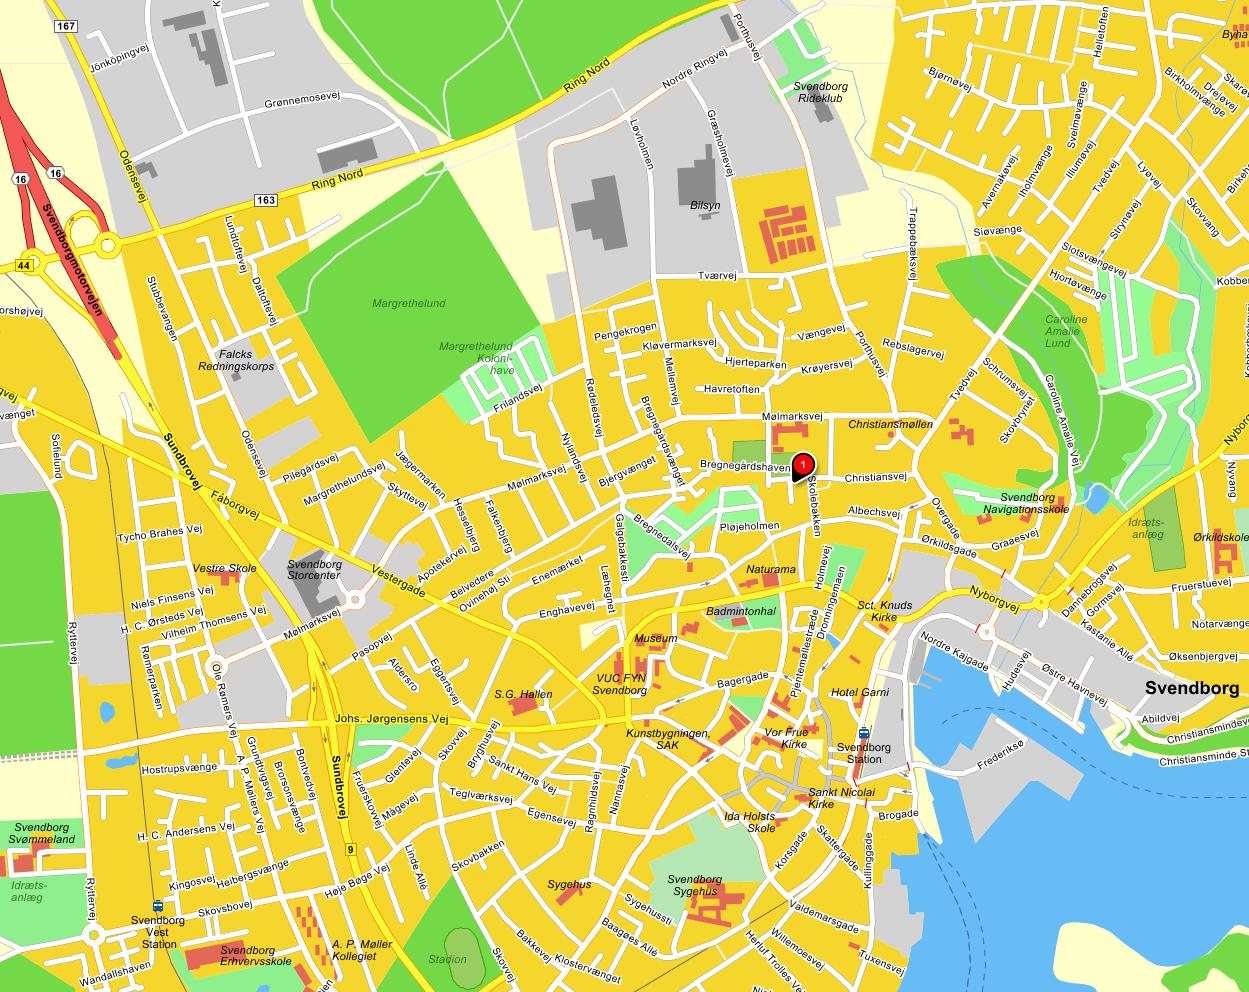 Svendborg Centrum Kort | Kort